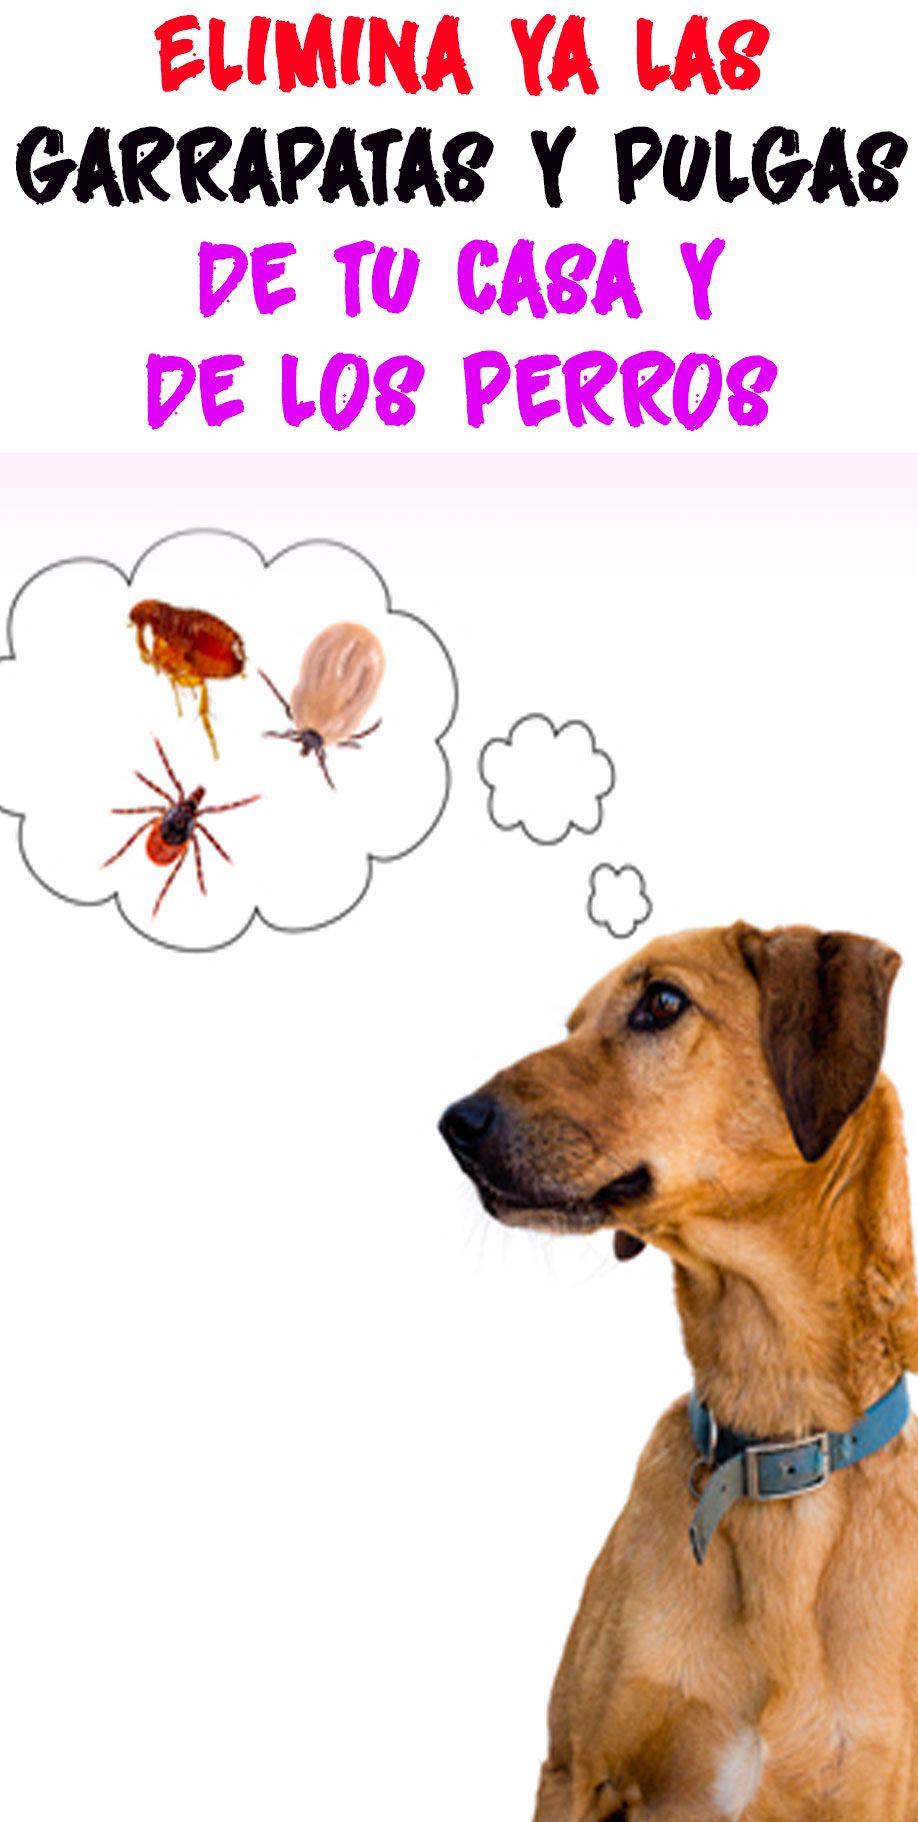 Elimina Ya Las Garrapatas Y Pulgas De Tu Casa Y De Los Perros Animal Lover Pets Animals And Pets